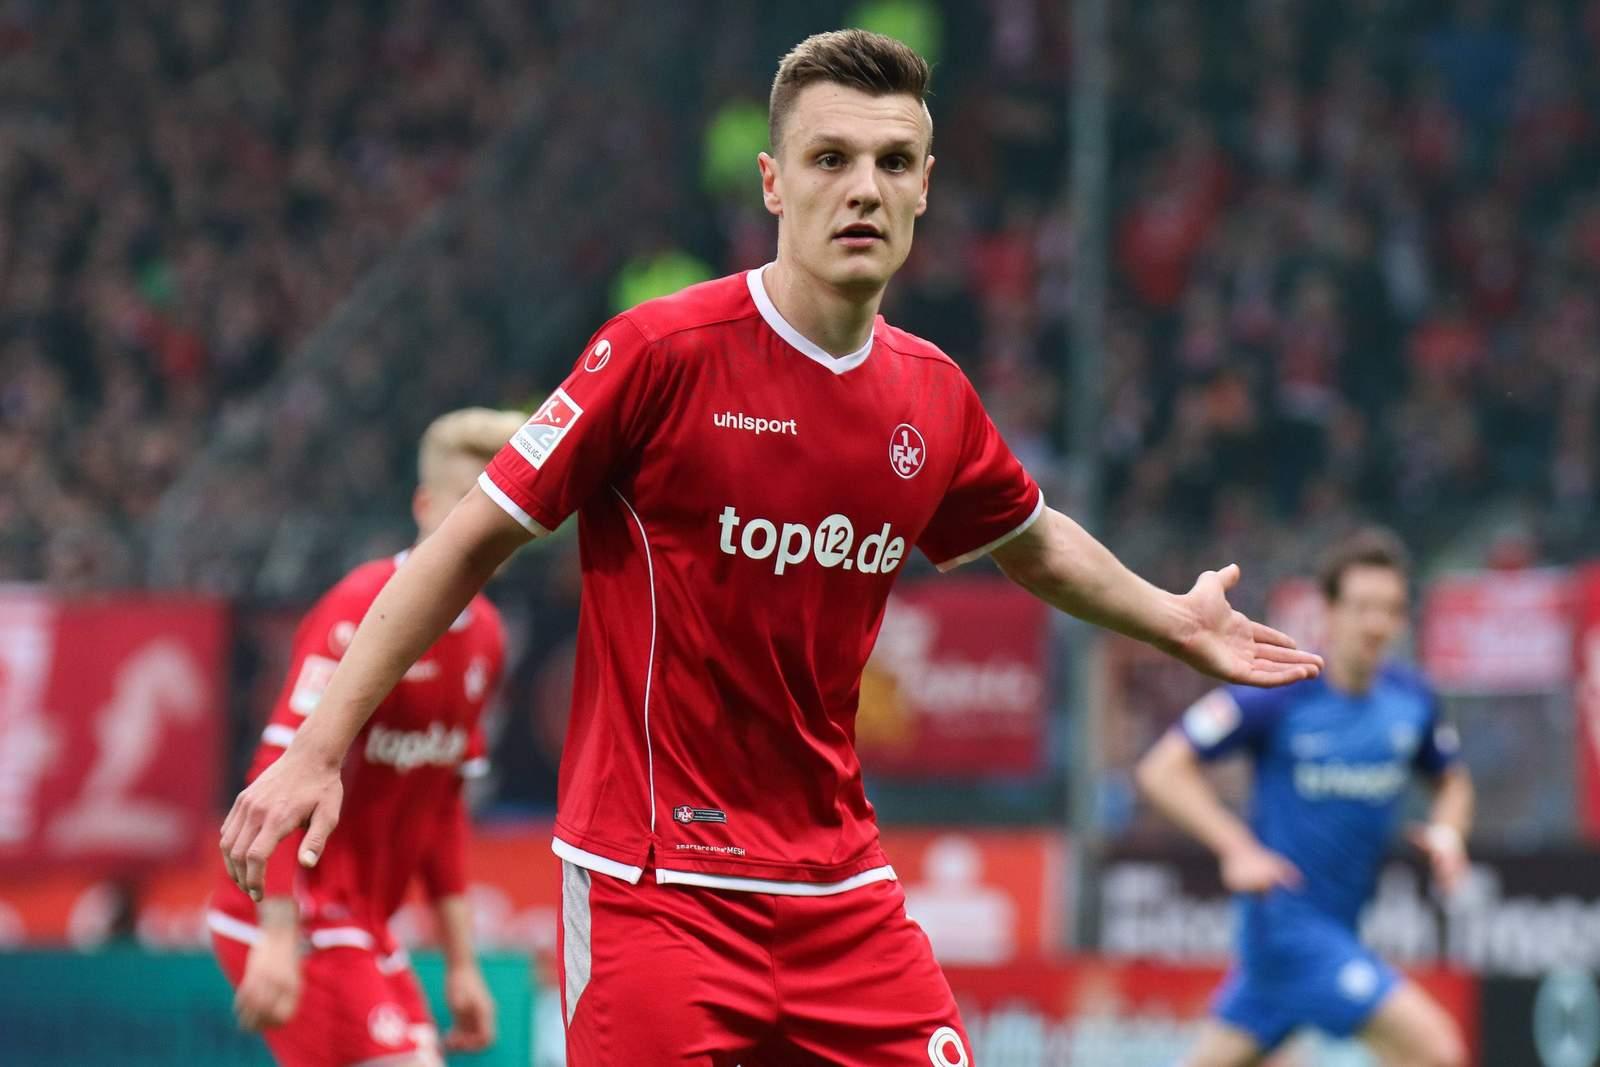 Gino Fechner vom 1.FC Kaiserslautern